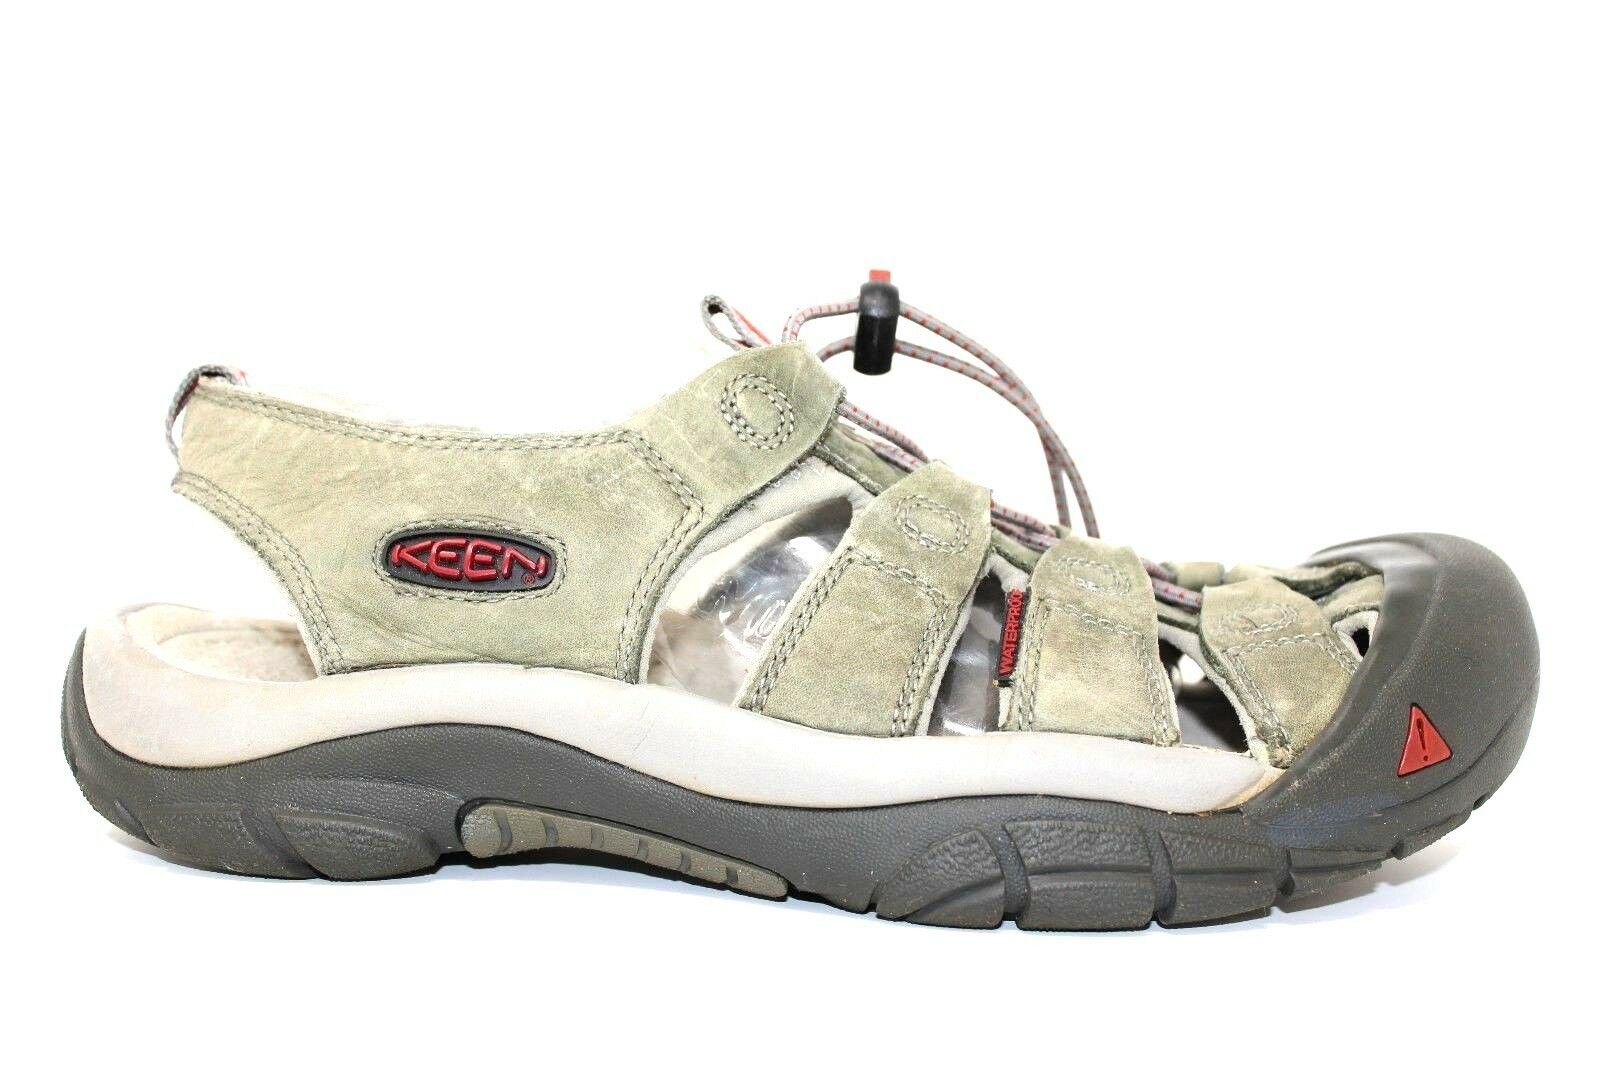 Keen Arroyo-II Slip-On Lace Bump Toe Waterproof Walking Sandal US 9 EU 42